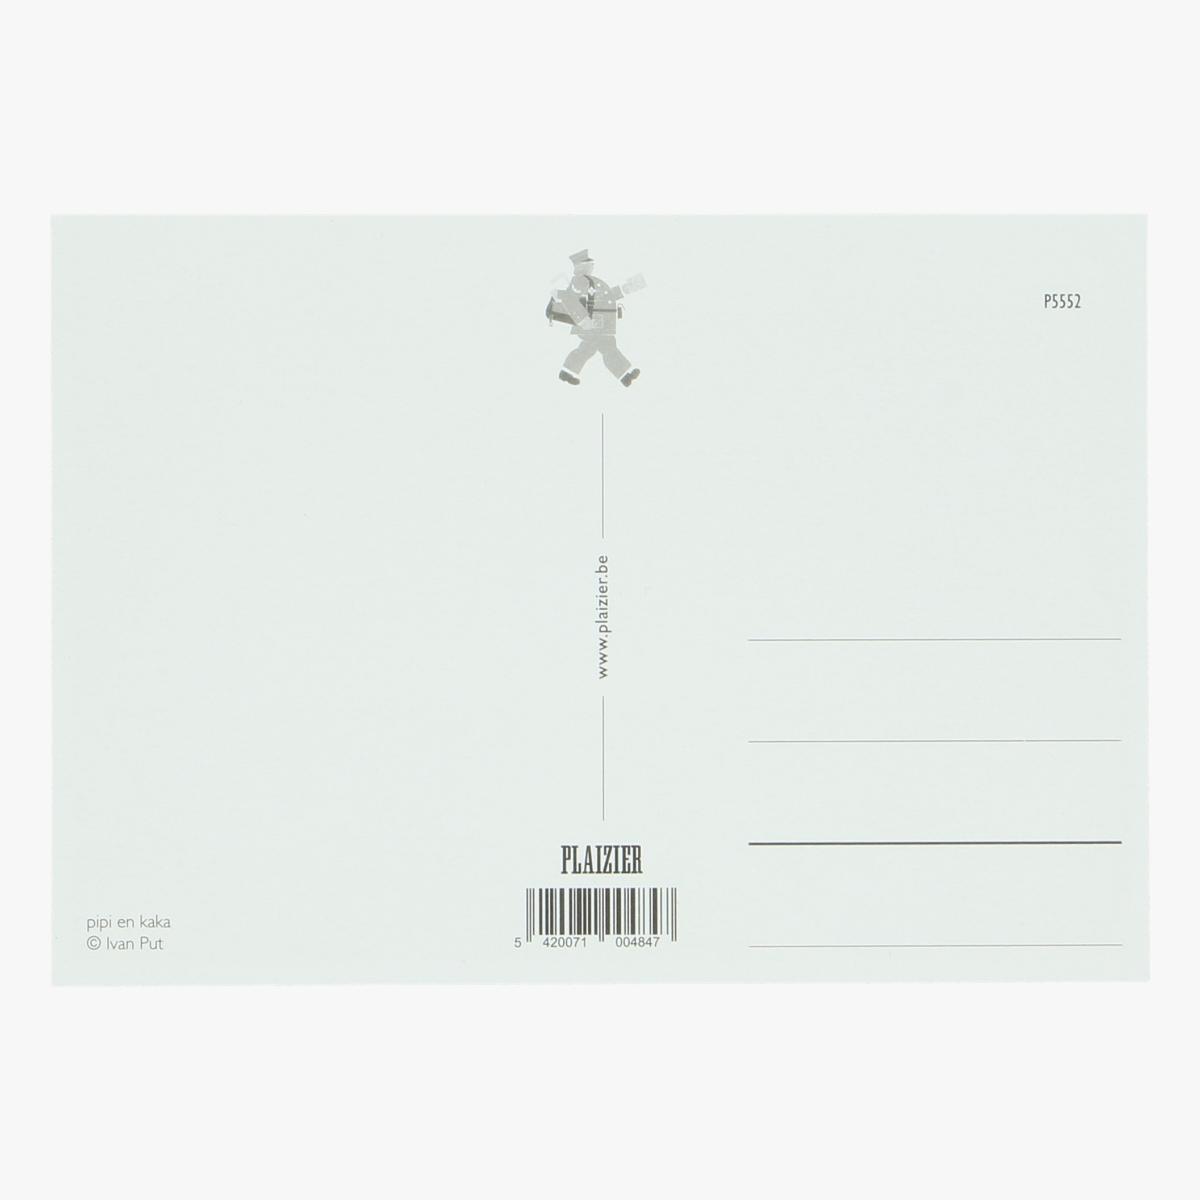 Afbeeldingen van postkaart pipi kaka